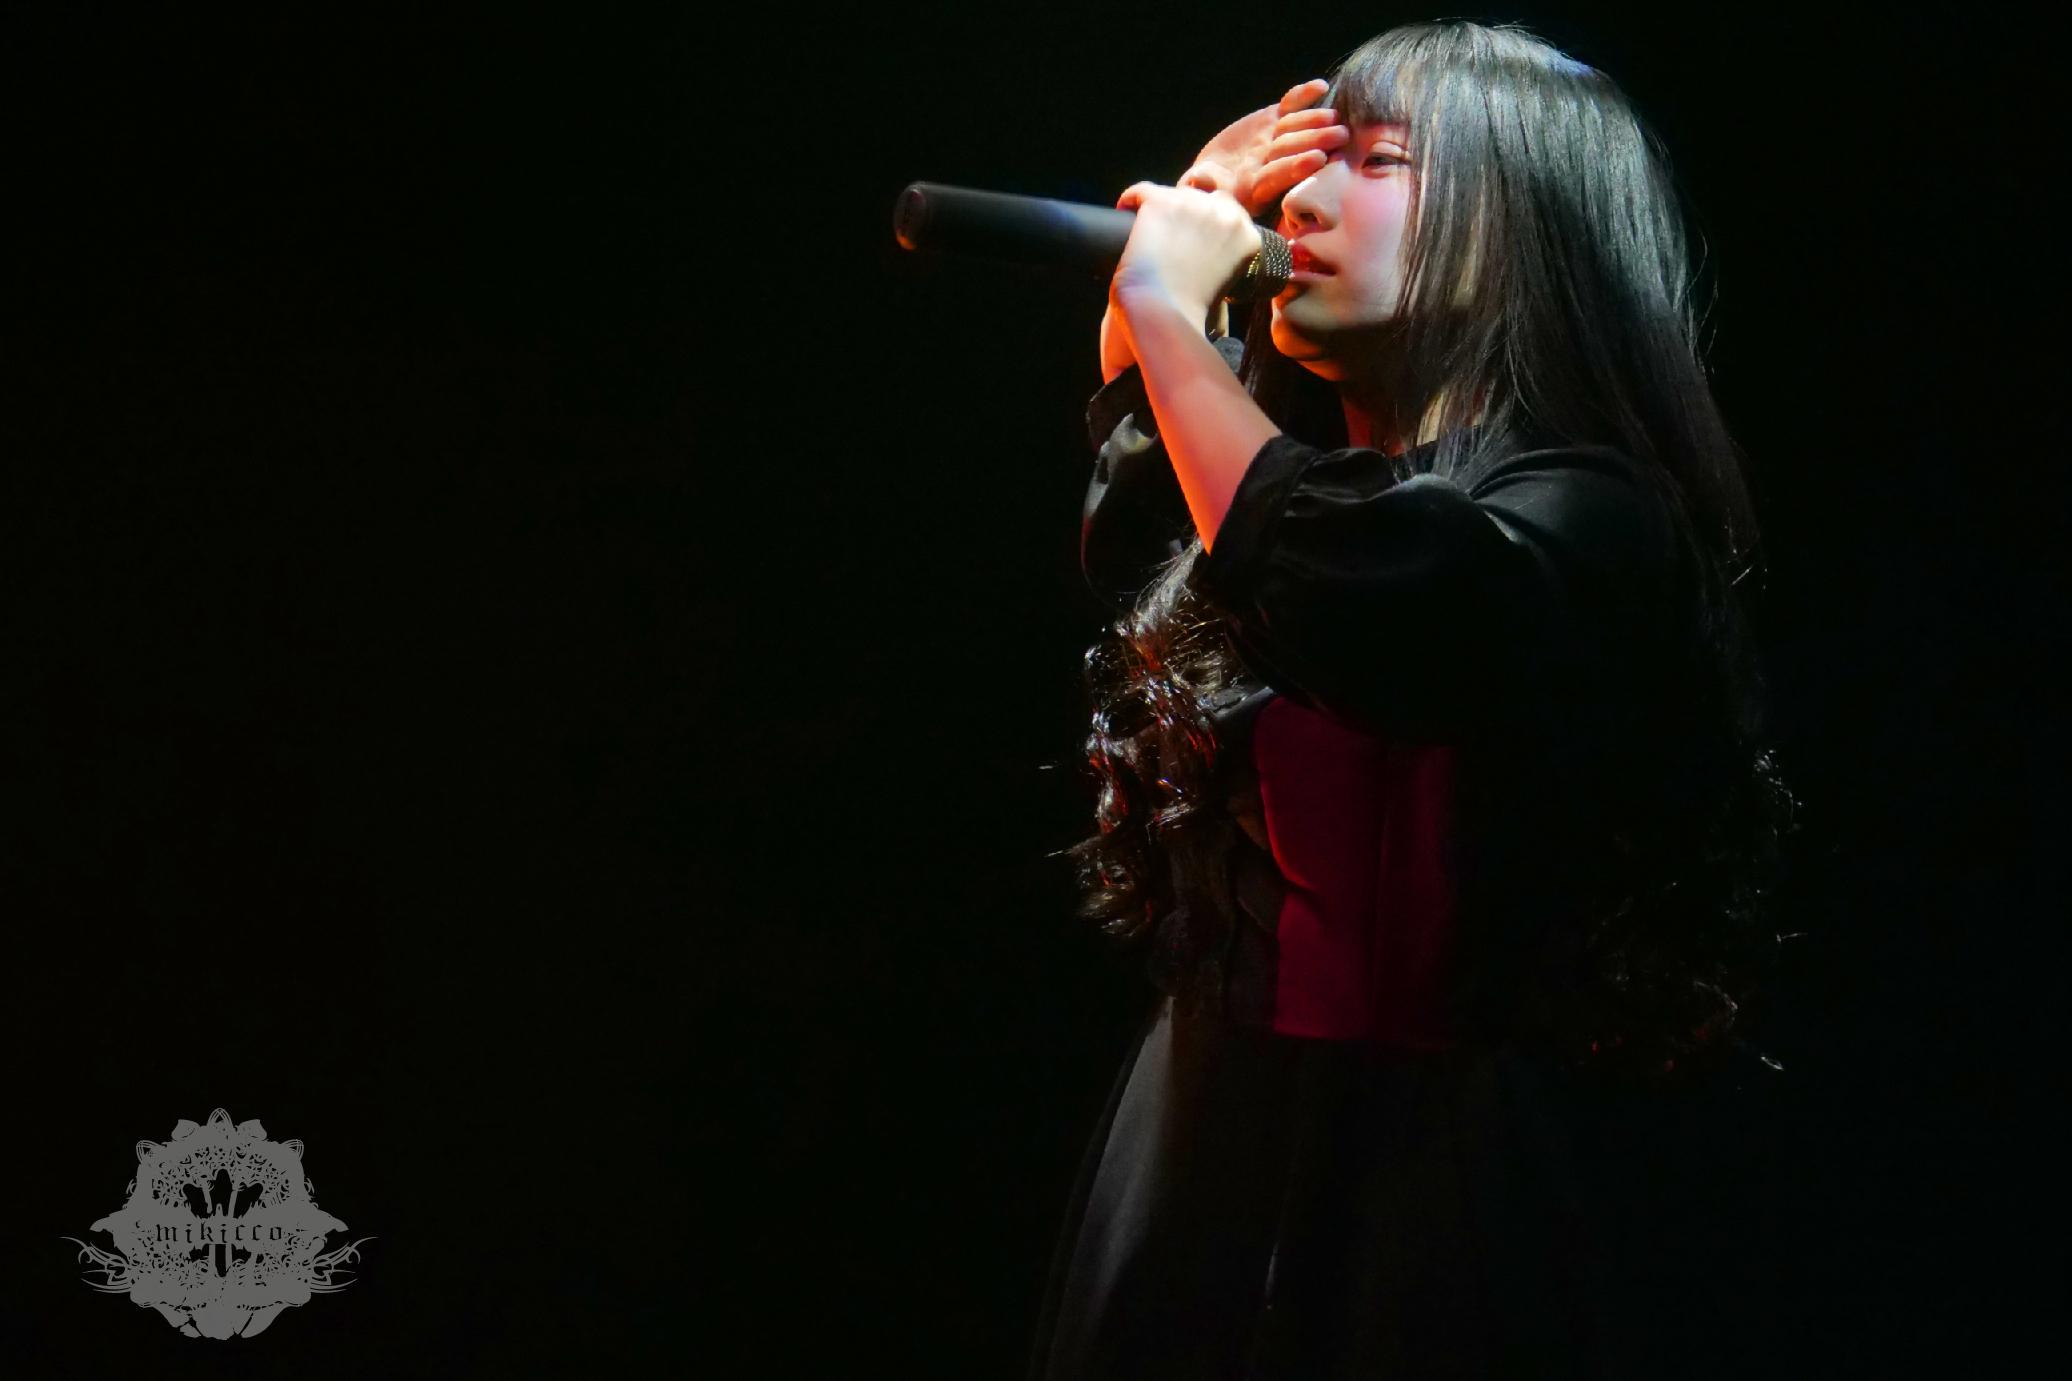 【mikicco】12月5日のワンマンライブを自身初のバンド編成で開催したい!